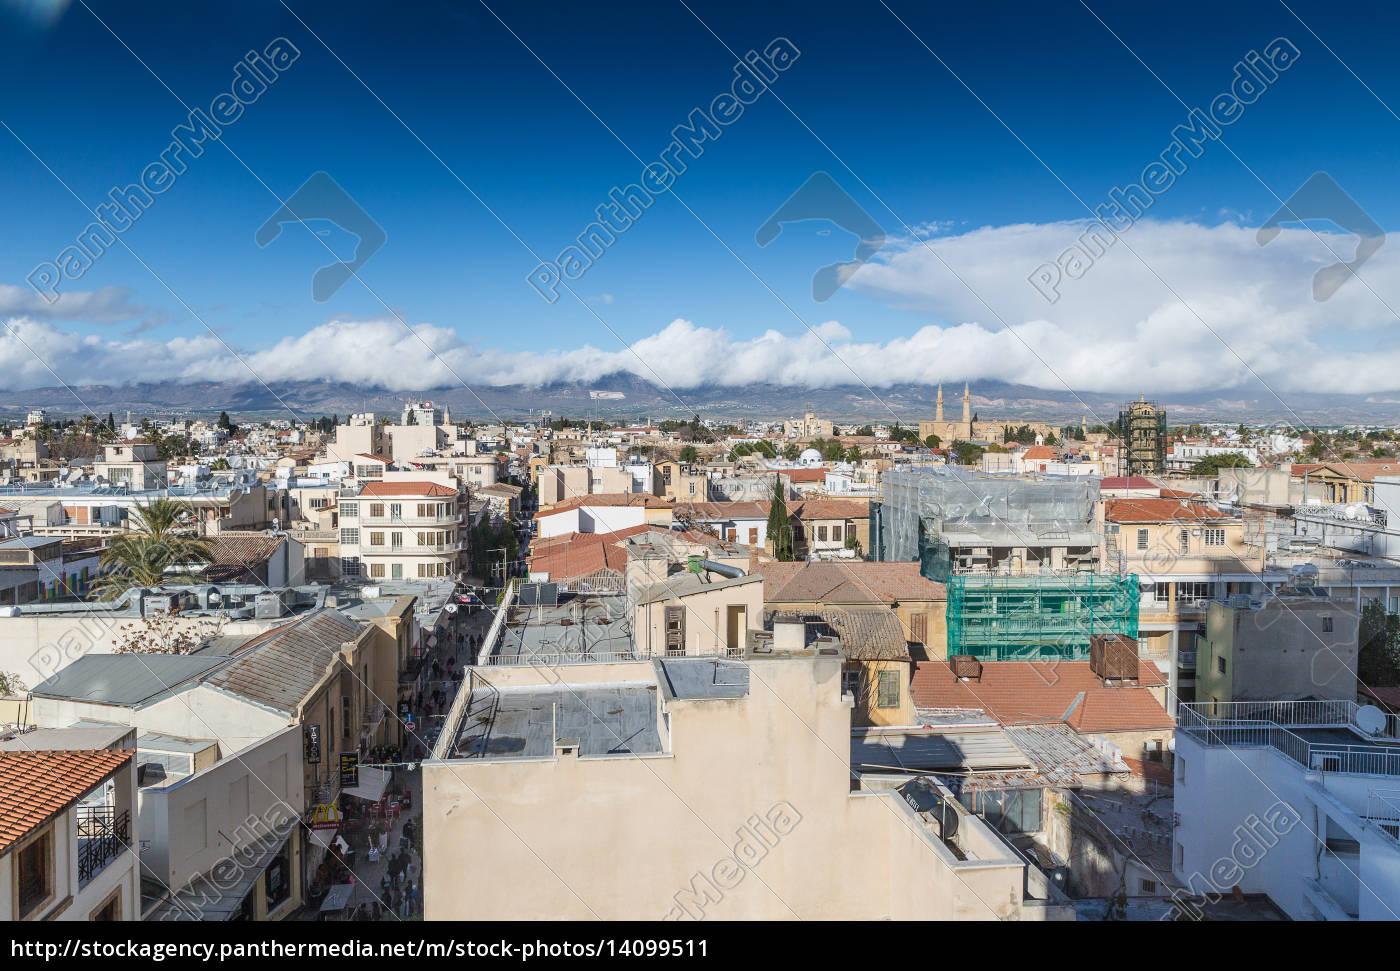 nicosia, city, view - 14099511